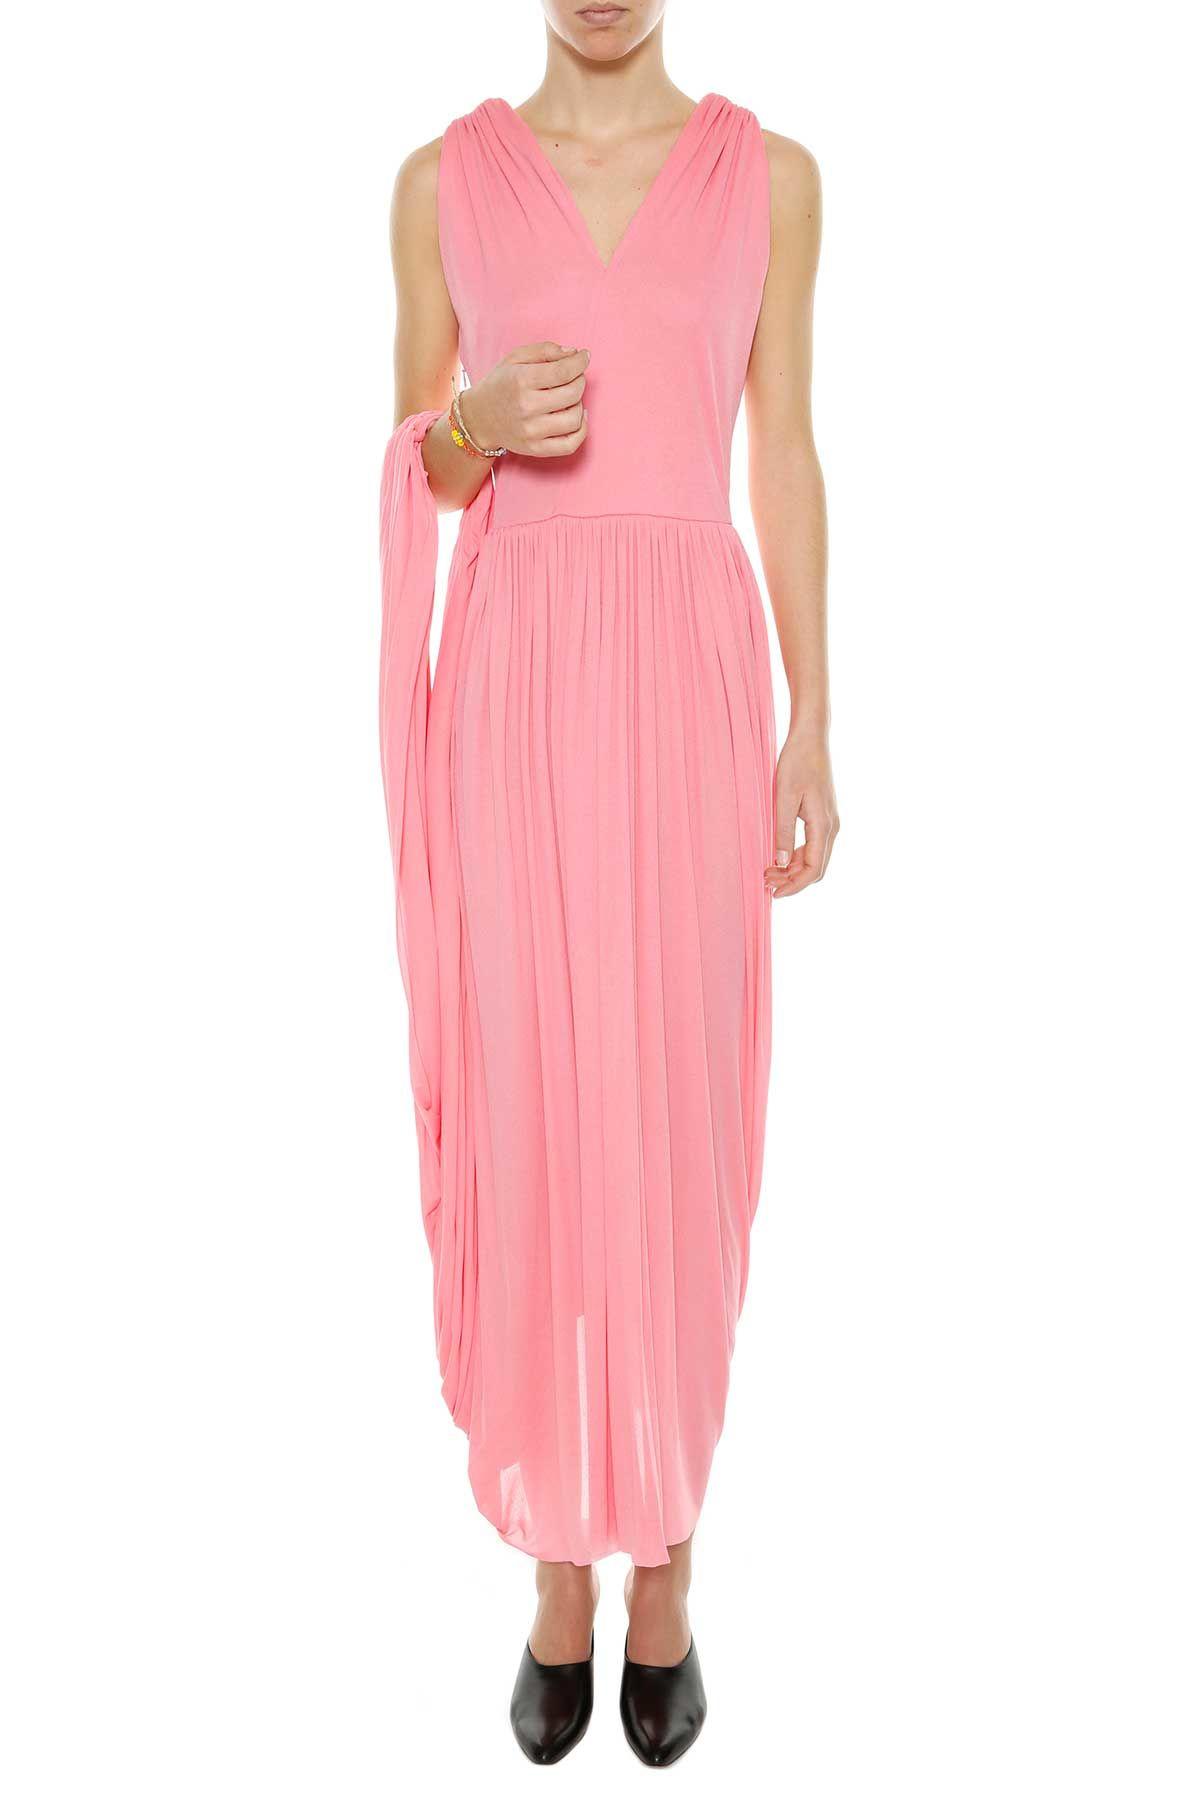 Celine Fluid Crepe Jersey Dress